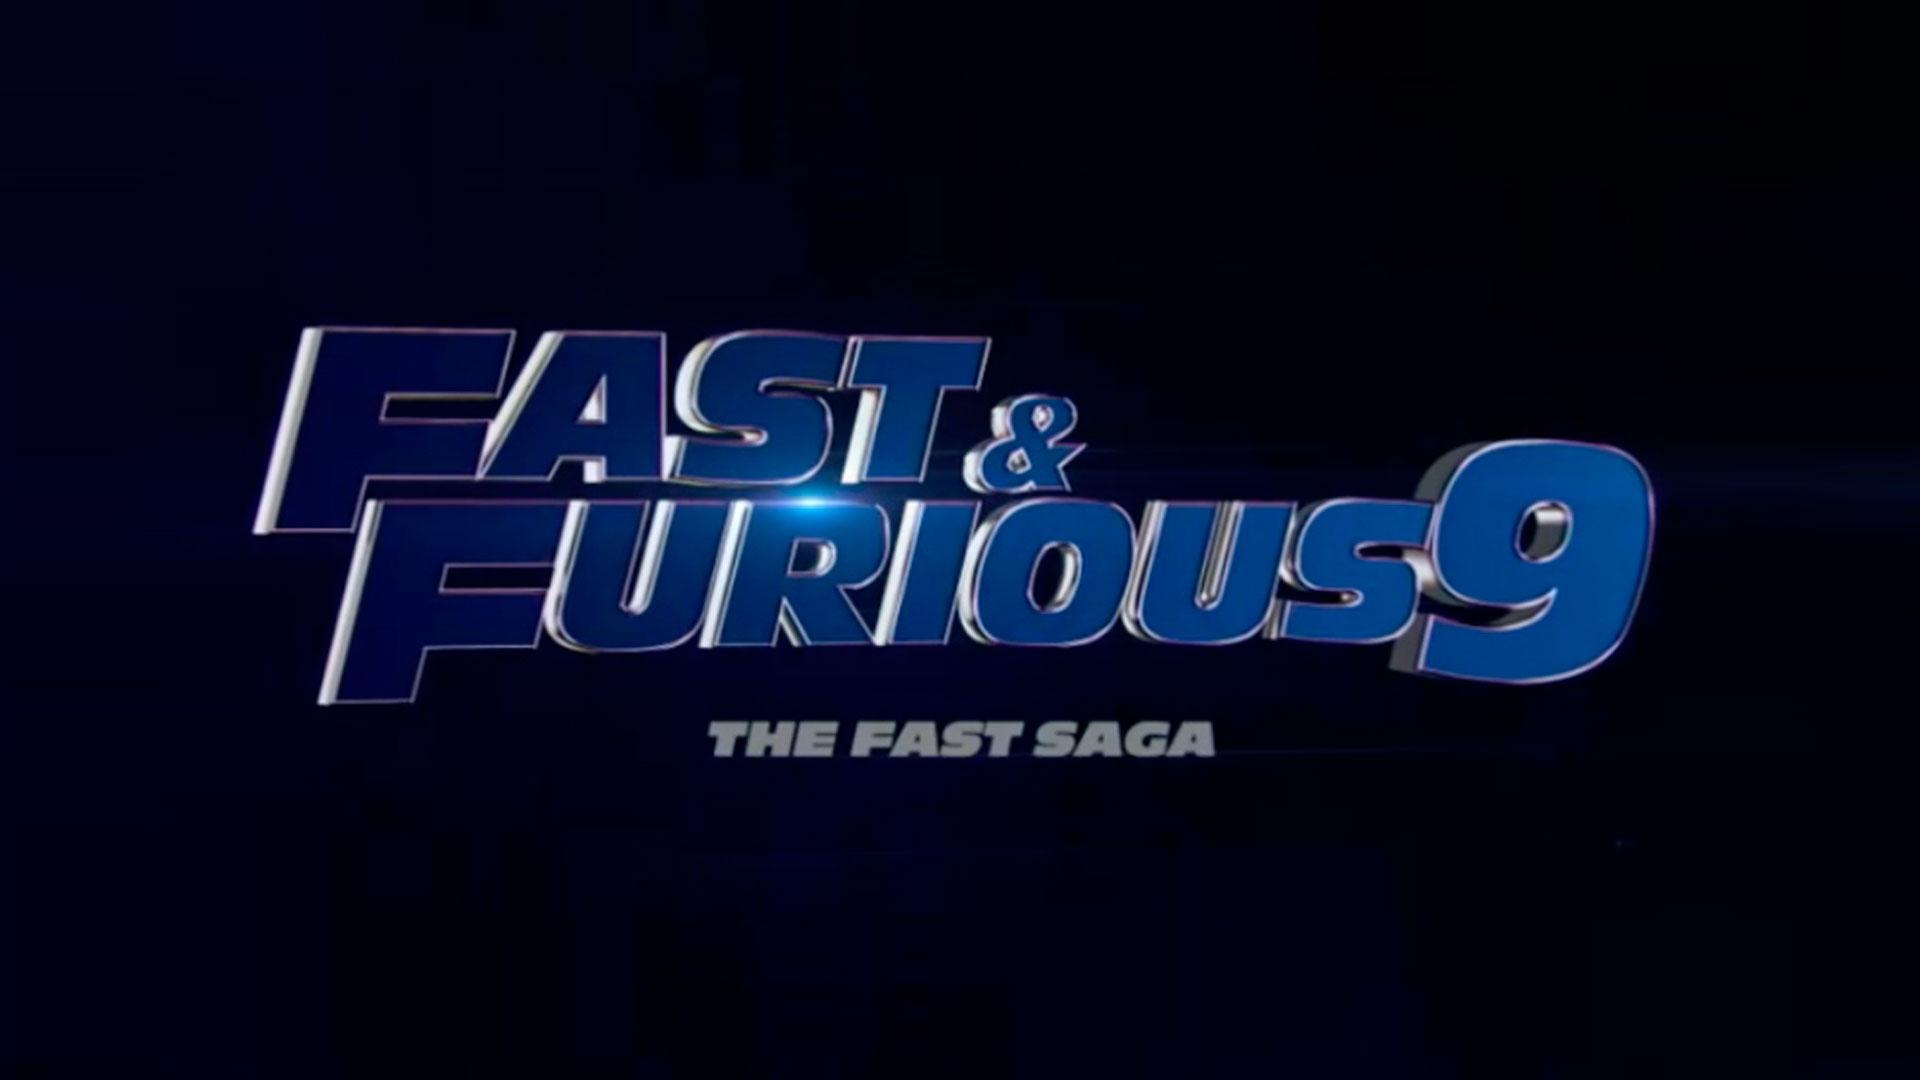 Fast and Furious 9 si mostra con un teaser trailer e il poster ufficiale